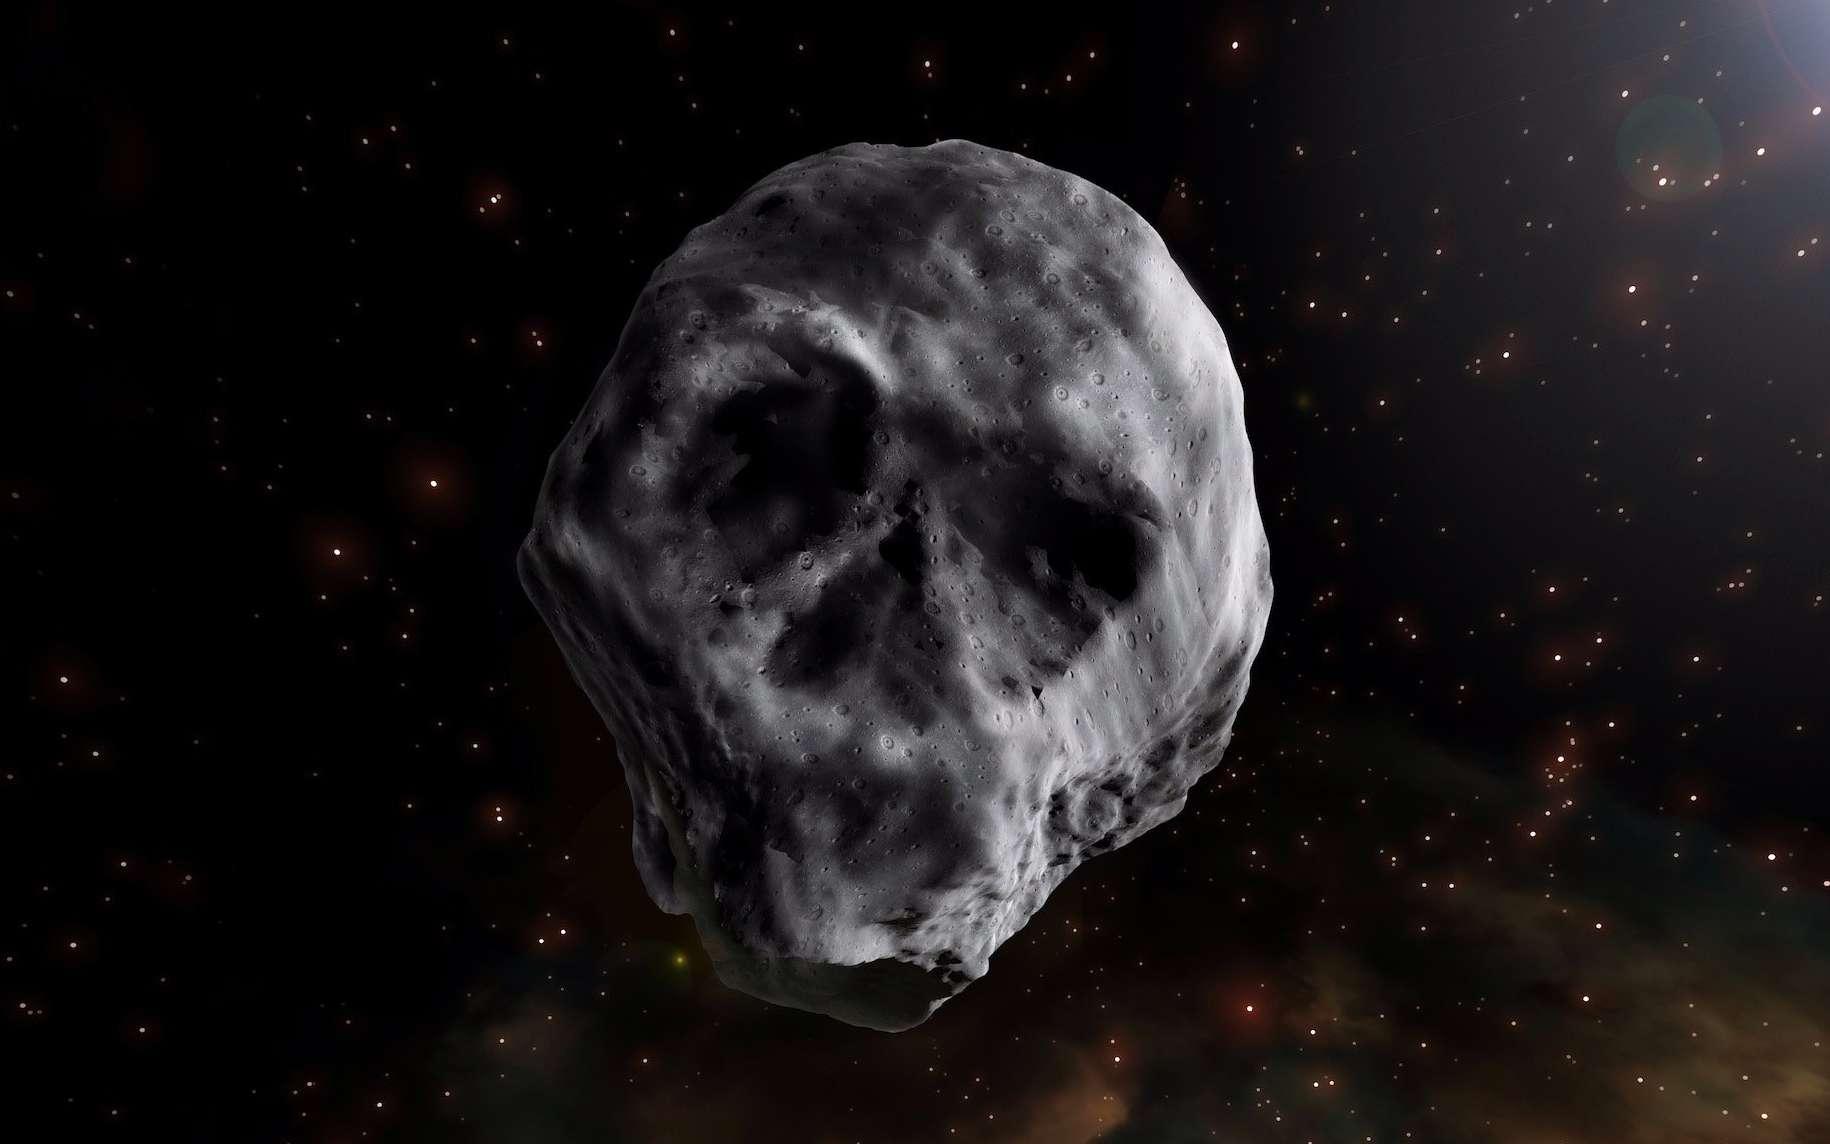 Illustration de 2015 TB145, l'astéroïde tête de mort. © José Antonio Peñas, SINC